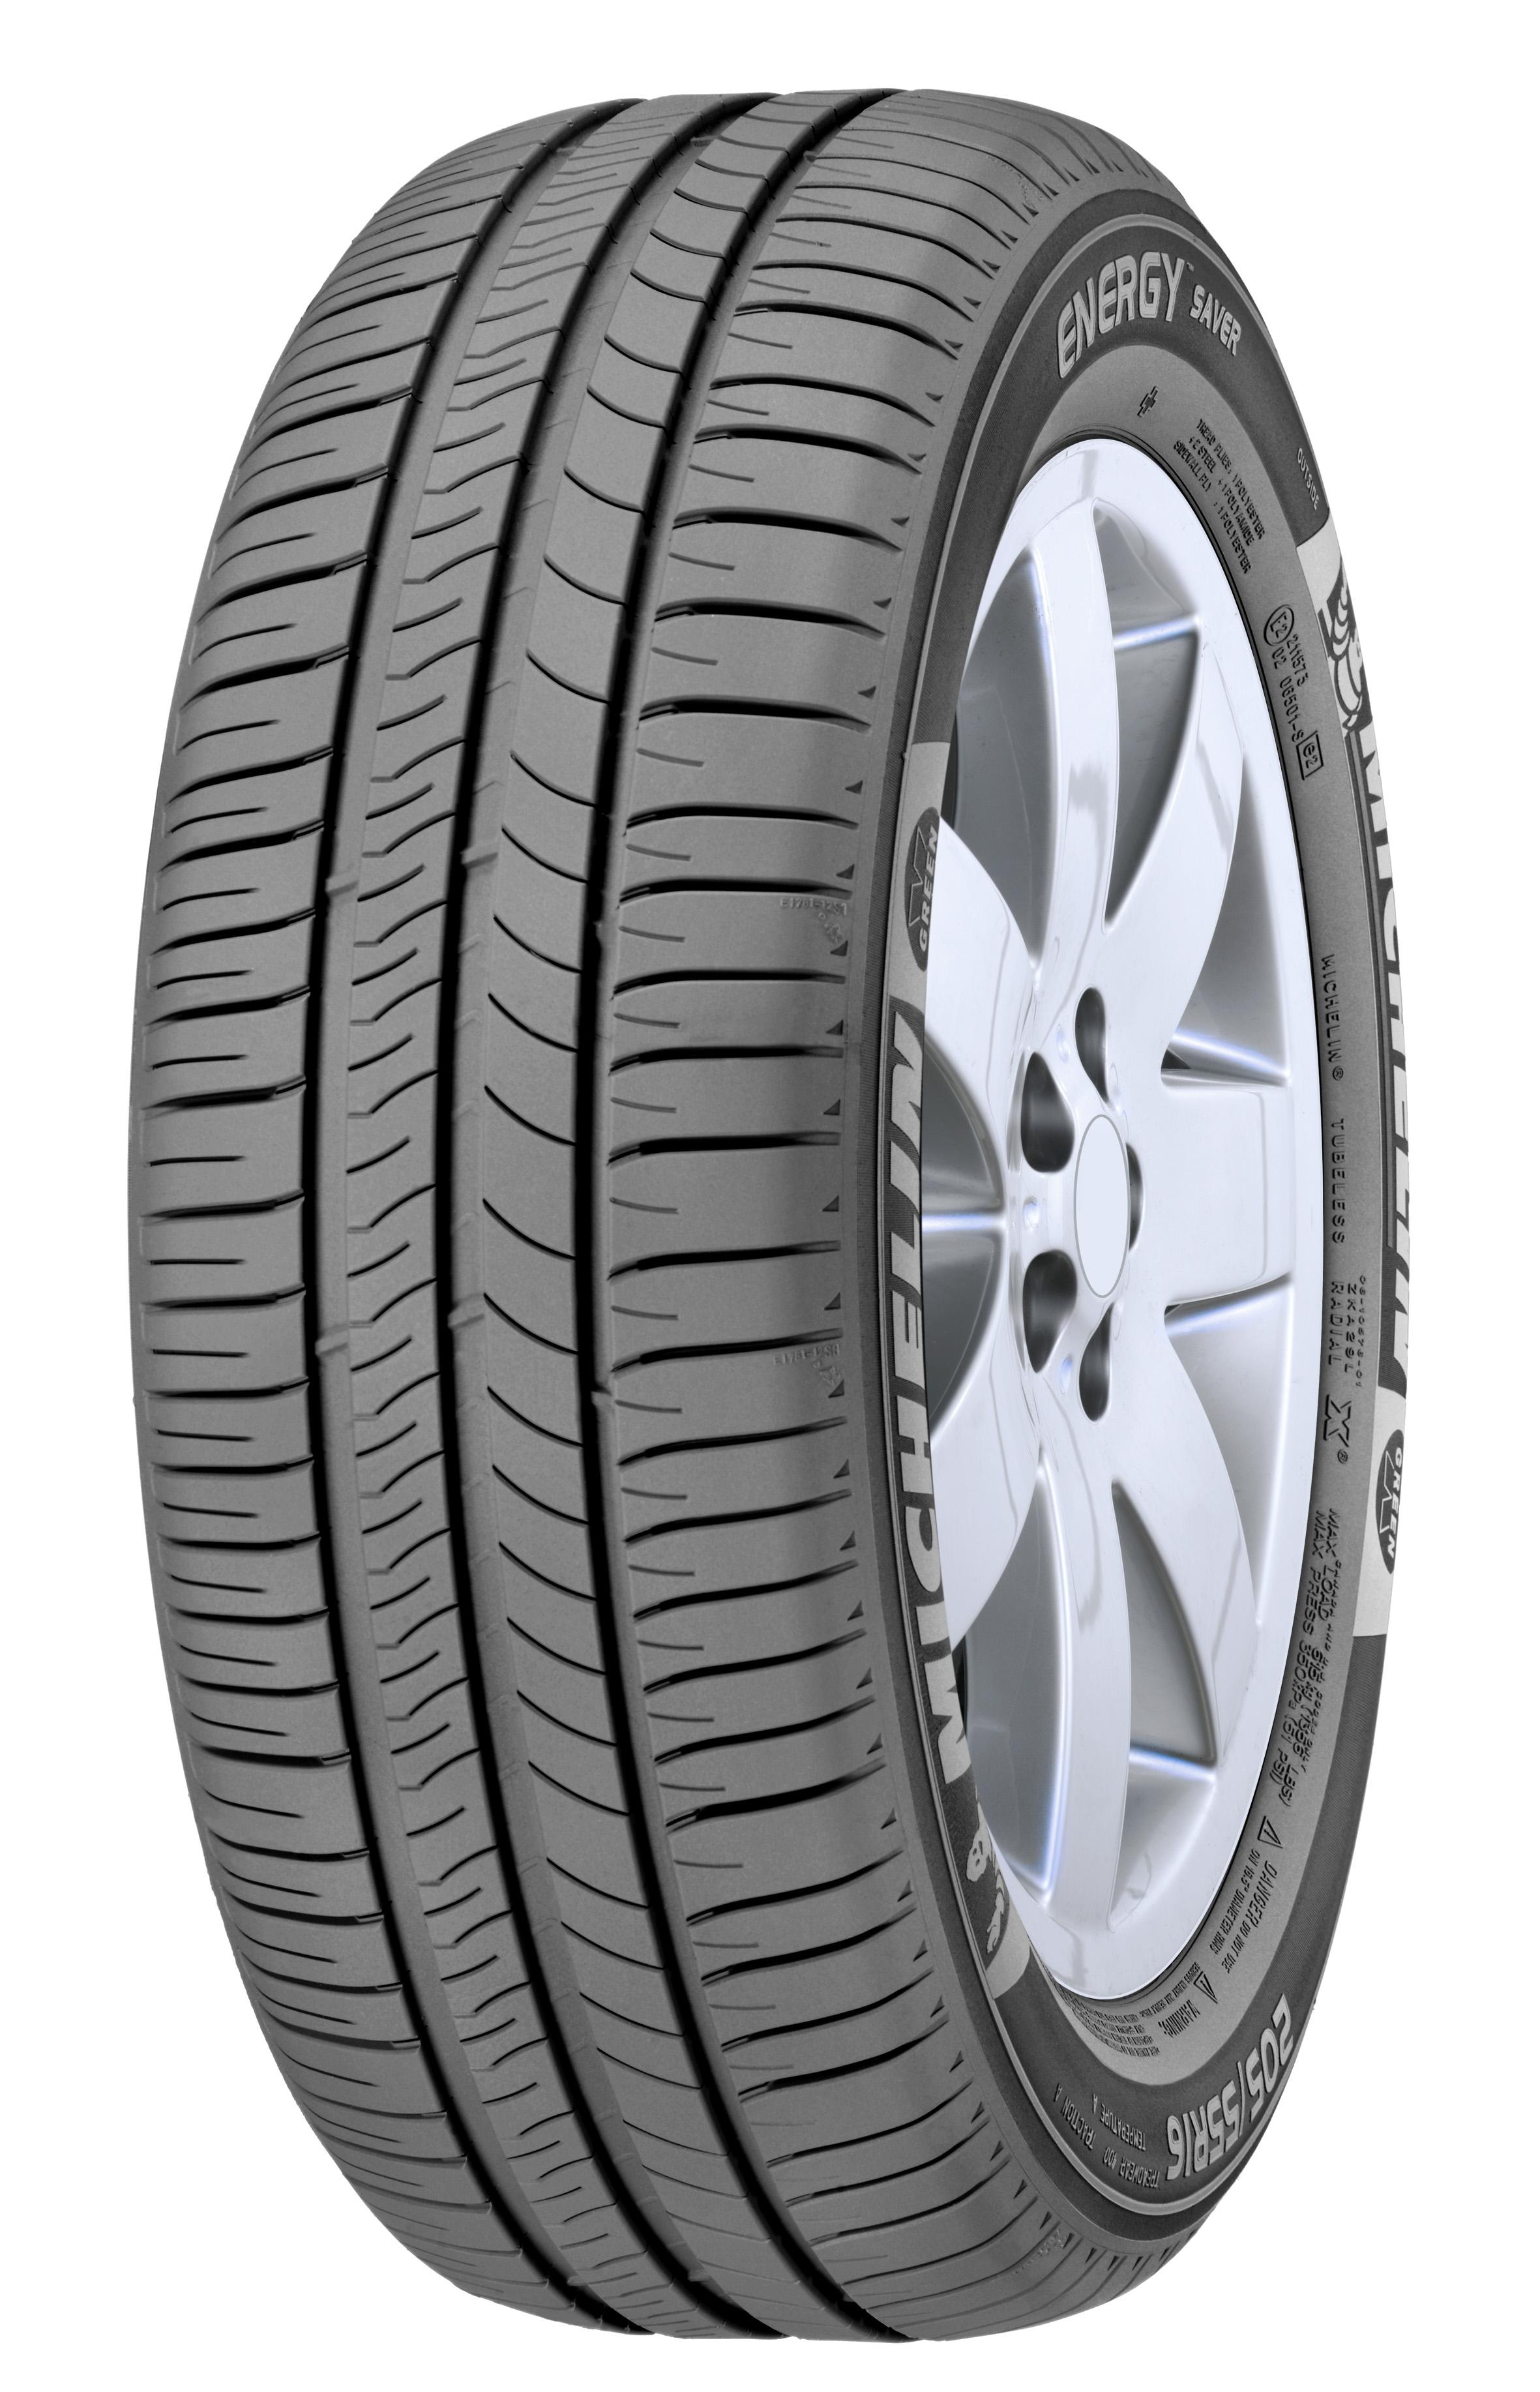 MICHELIN energy saver 205/55 R16 91H TL GREENX, letní pneu, osobní a SUV